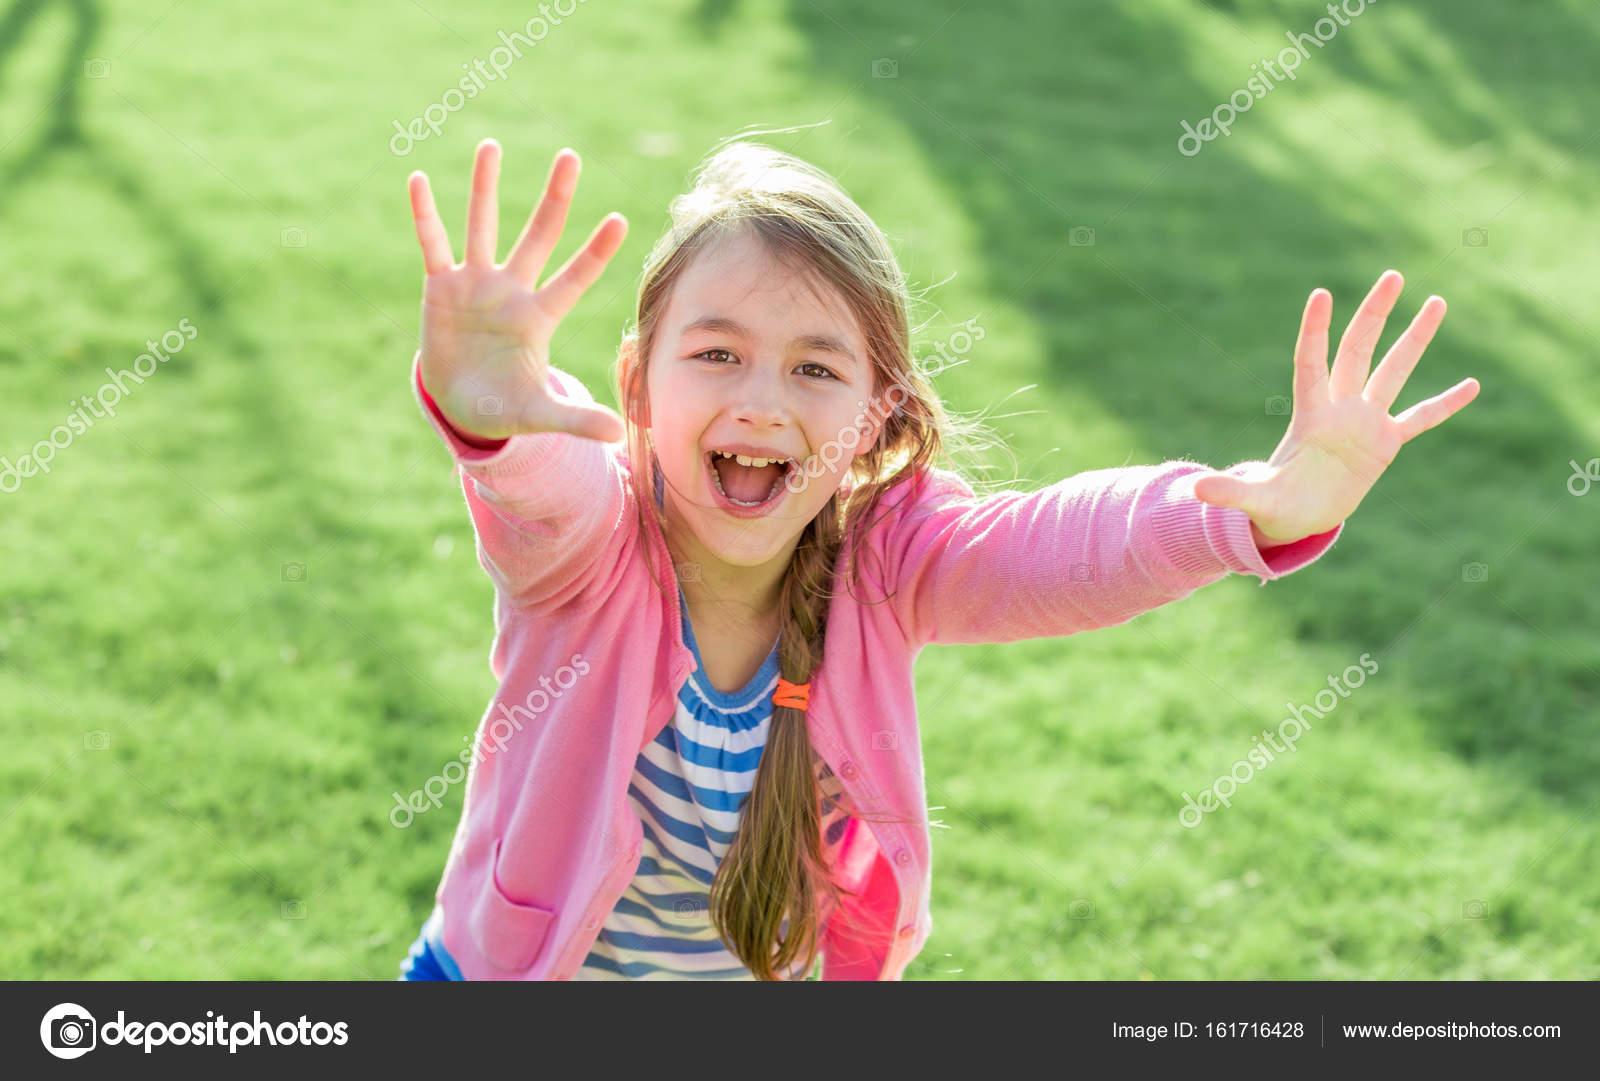 Маленькая девочка руки вверх — стоковое фото © leungchopan #46854457.